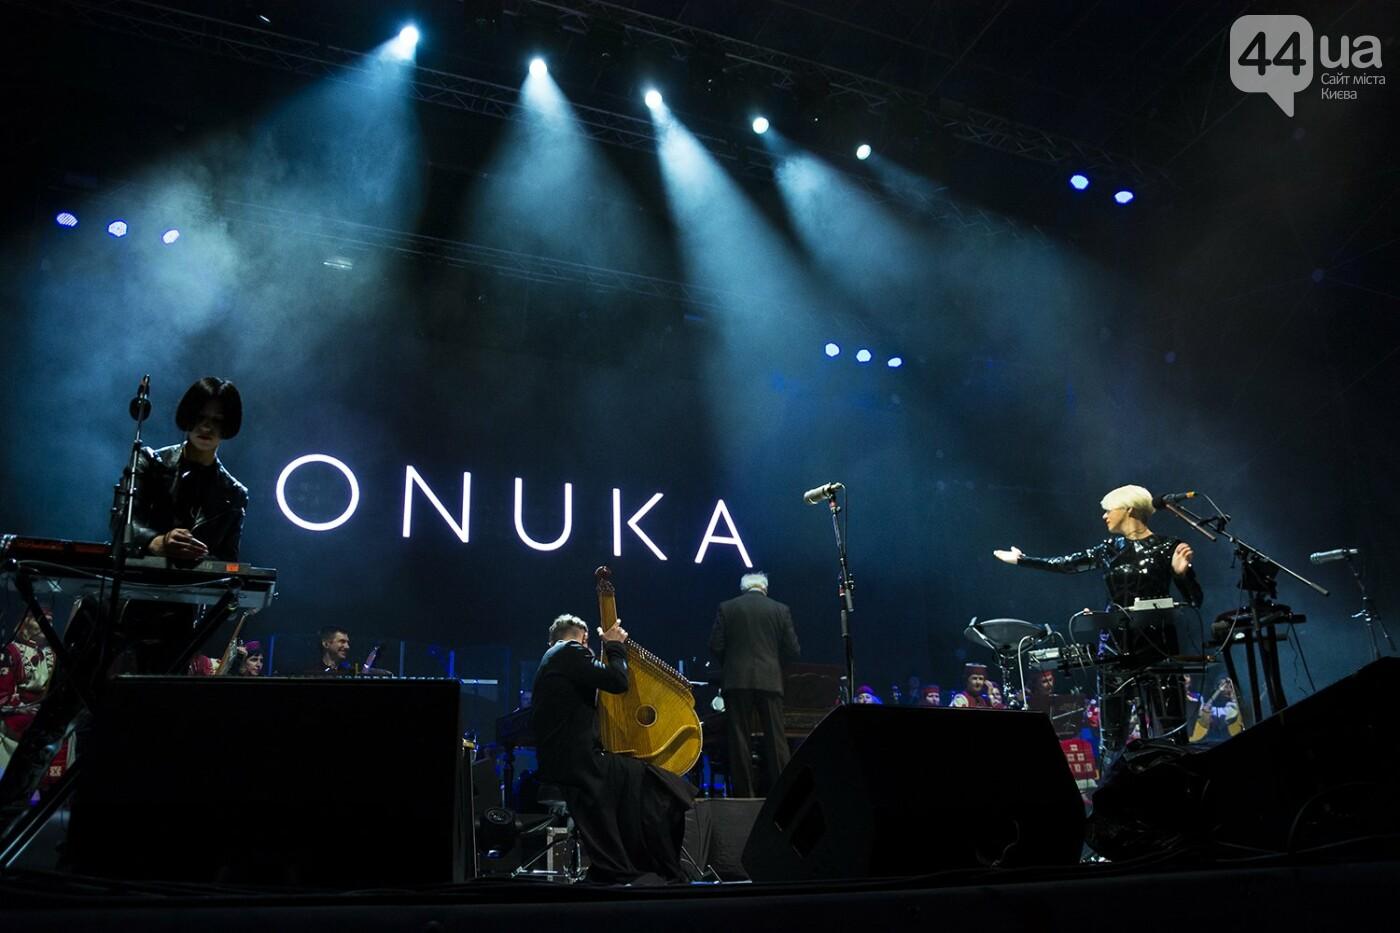 ONUKA и оркестр НАОНИ: в центре Киева сыграли техногенную симфонию, фото-11